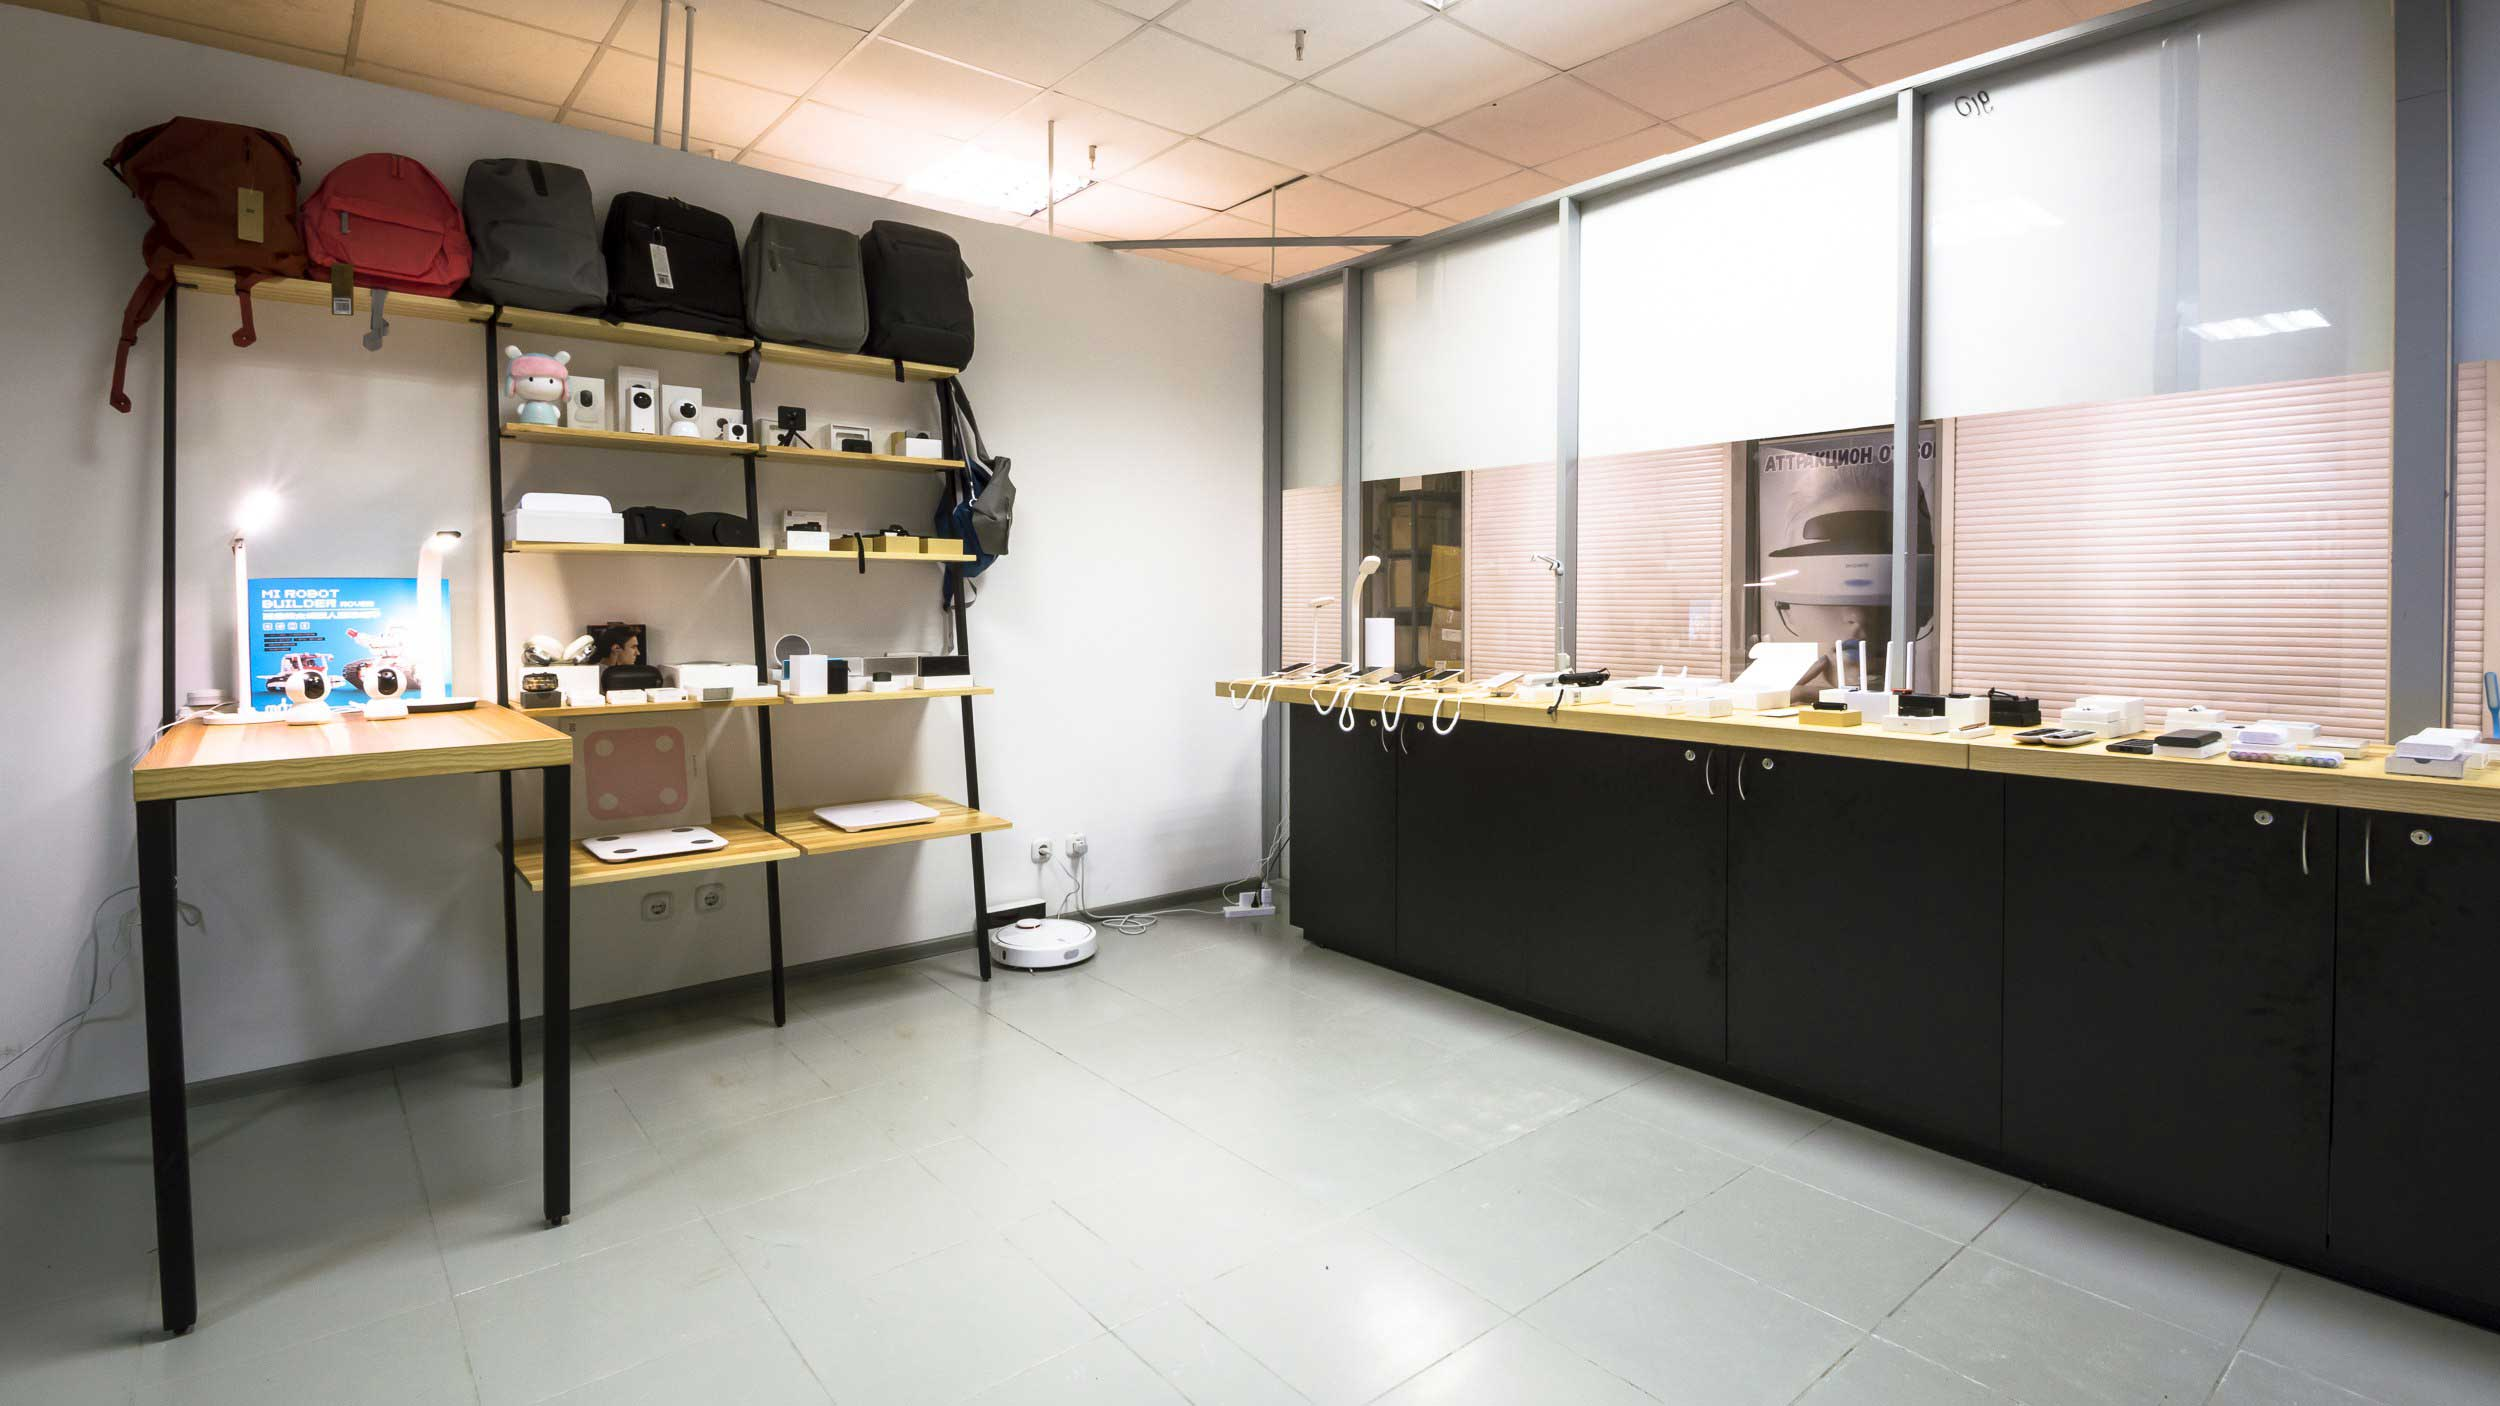 Магазин Xiaomi в Минске | Брендовый магазин продукции Xiaomi - Xiaomi-store.by